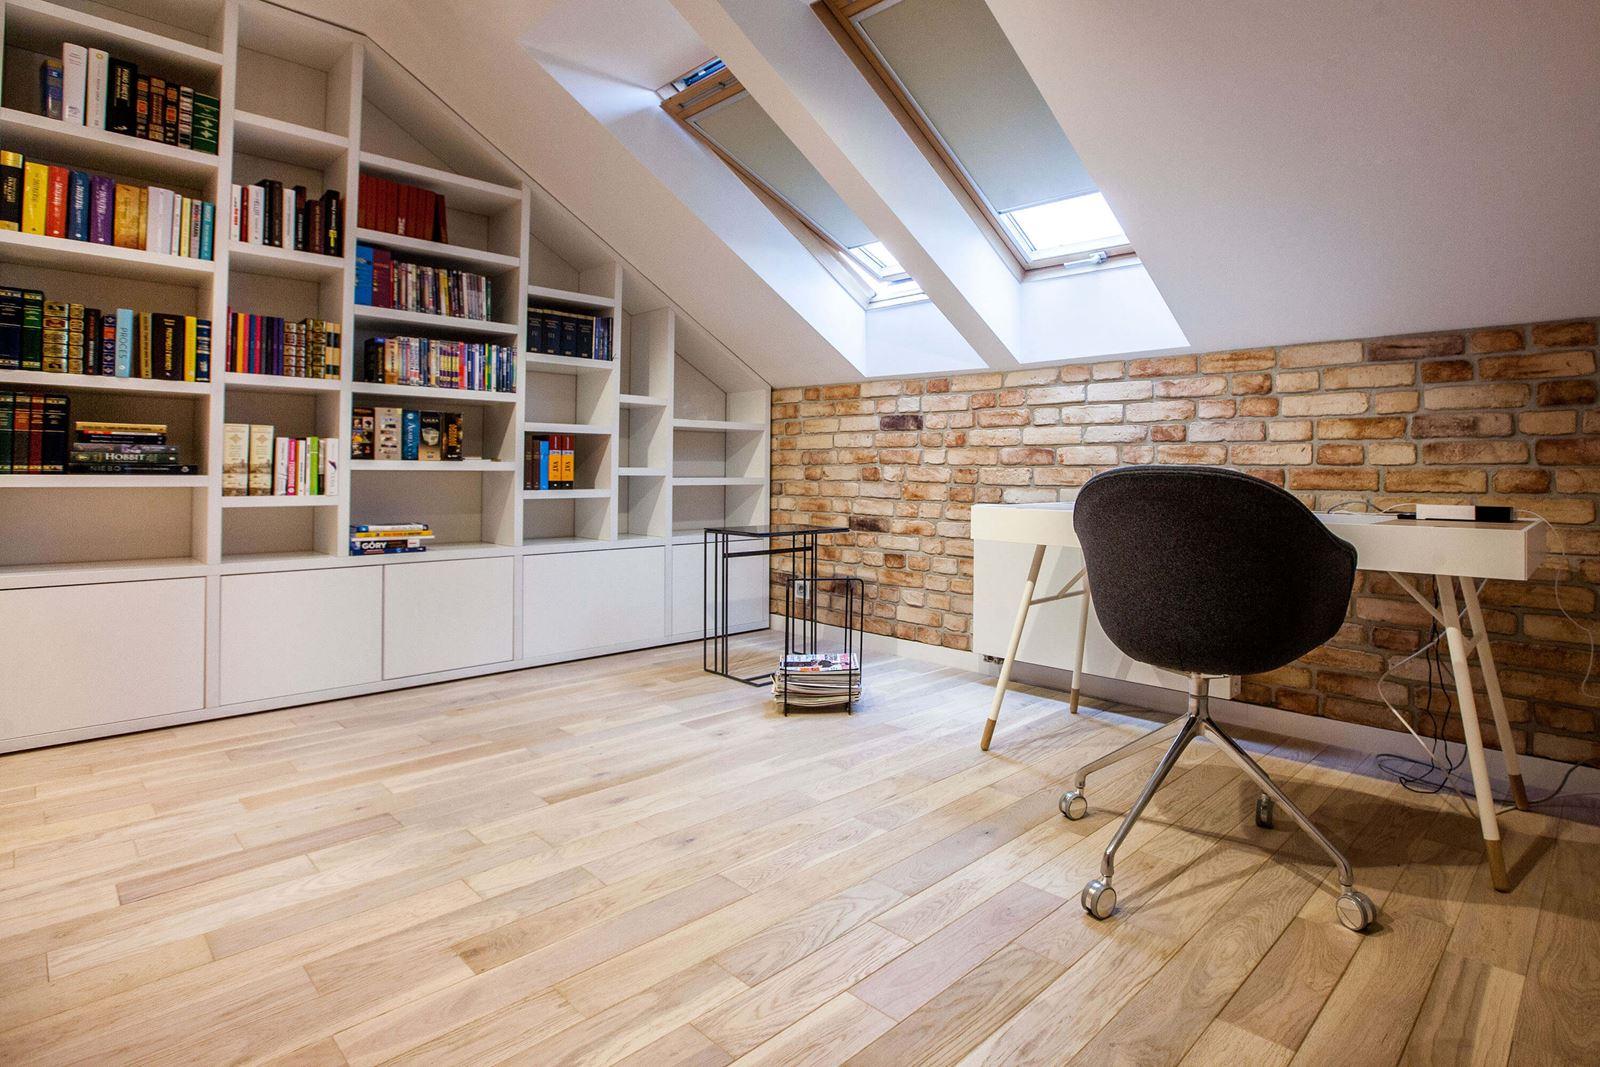 Libreria Design Camera Da Letto una villa con camera da letto in mansarda - mansarda.it